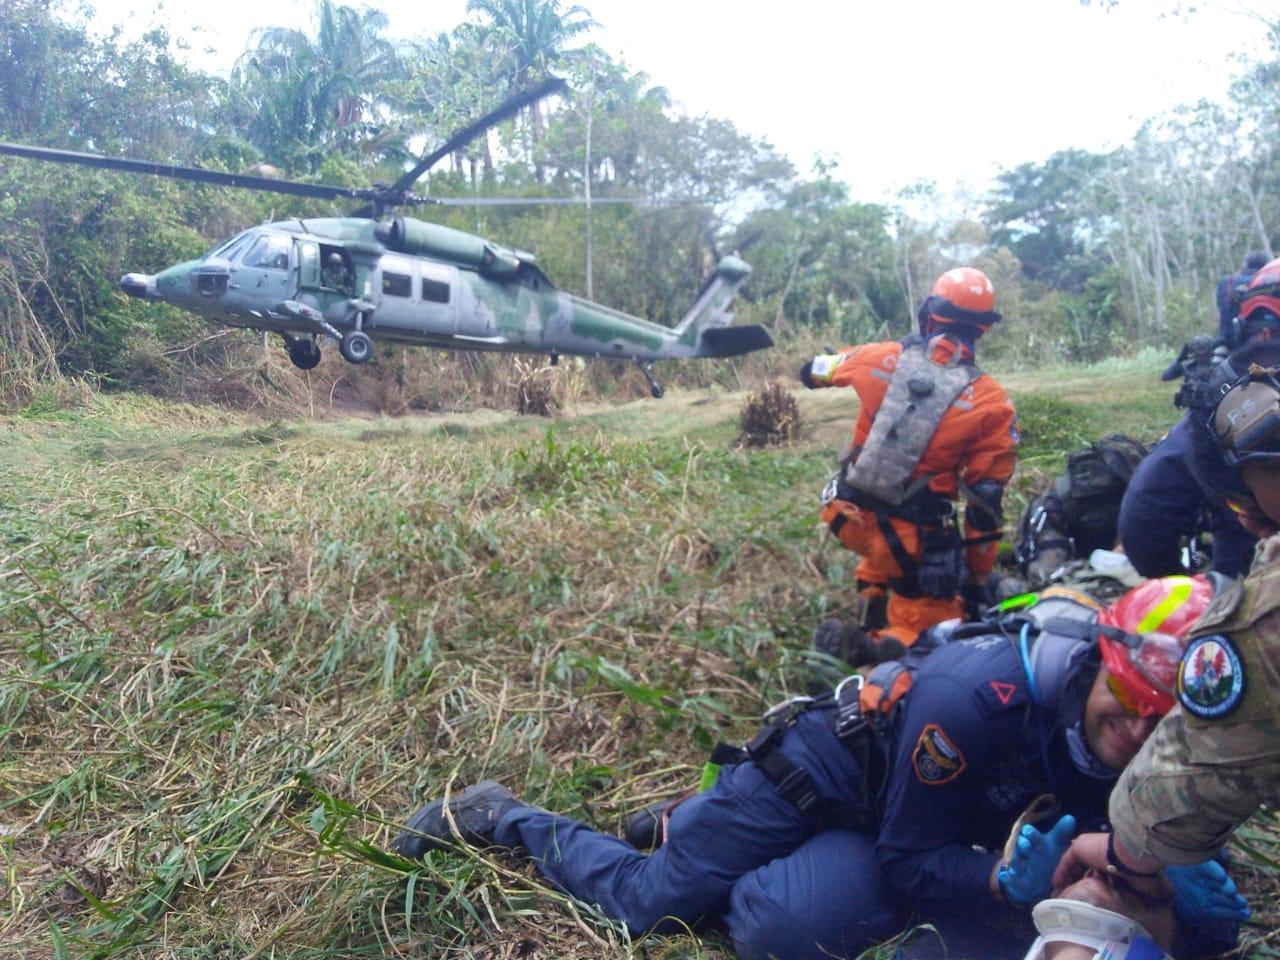 Os treinamentos simulam os cenários de Busca e Resgate e de Busca e Resgate em Combate